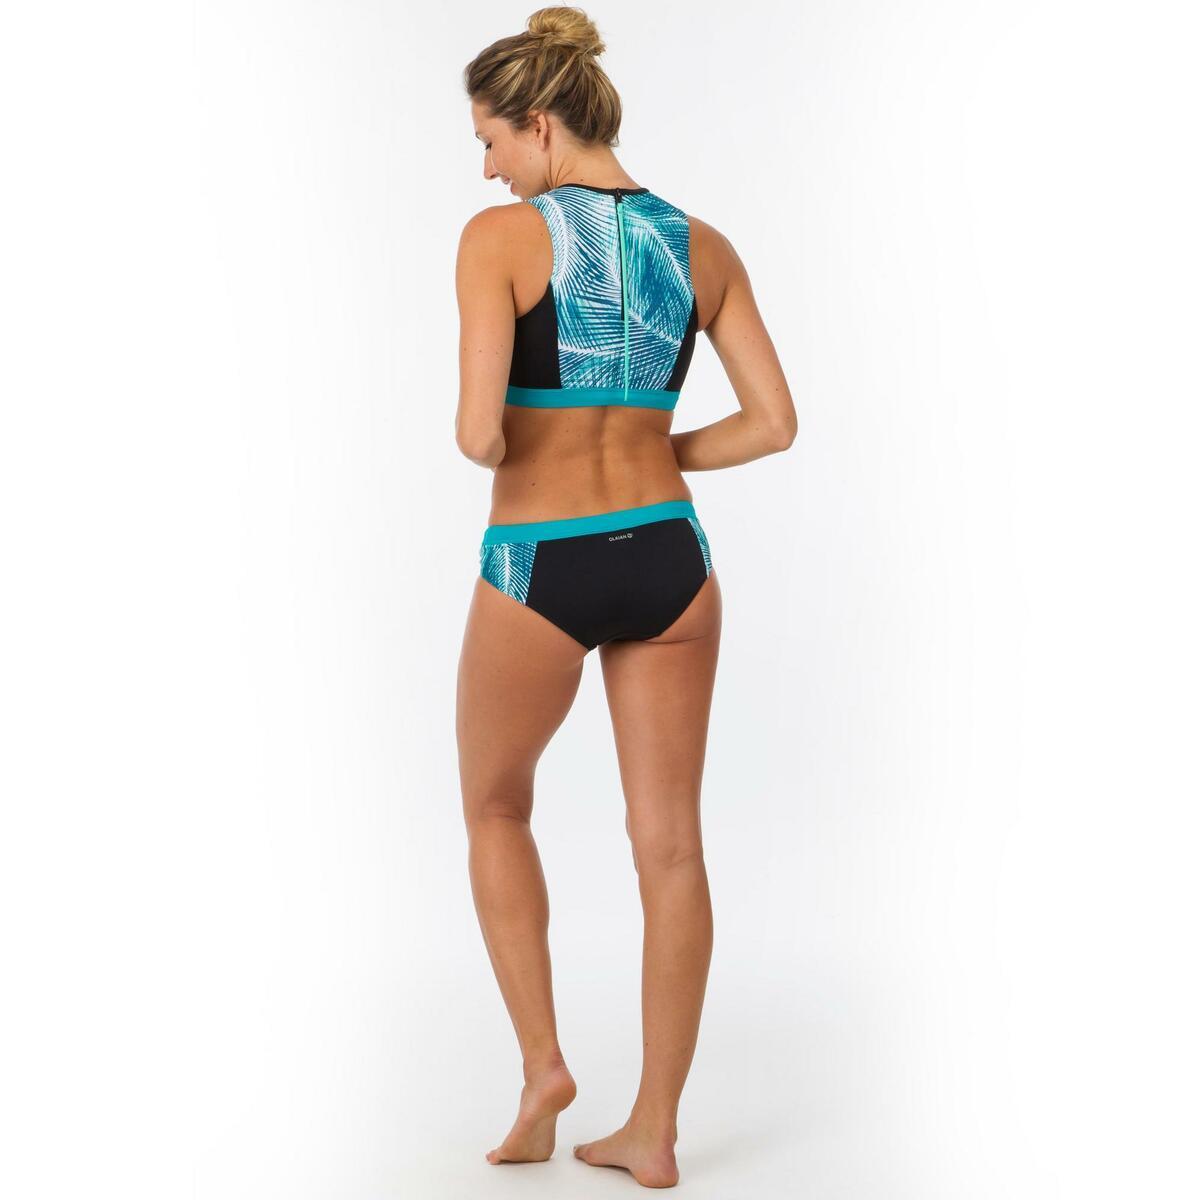 Bild 4 von Bikini-Oberteil Bustier Carla Bondi mit Back Zip Surfen Damen